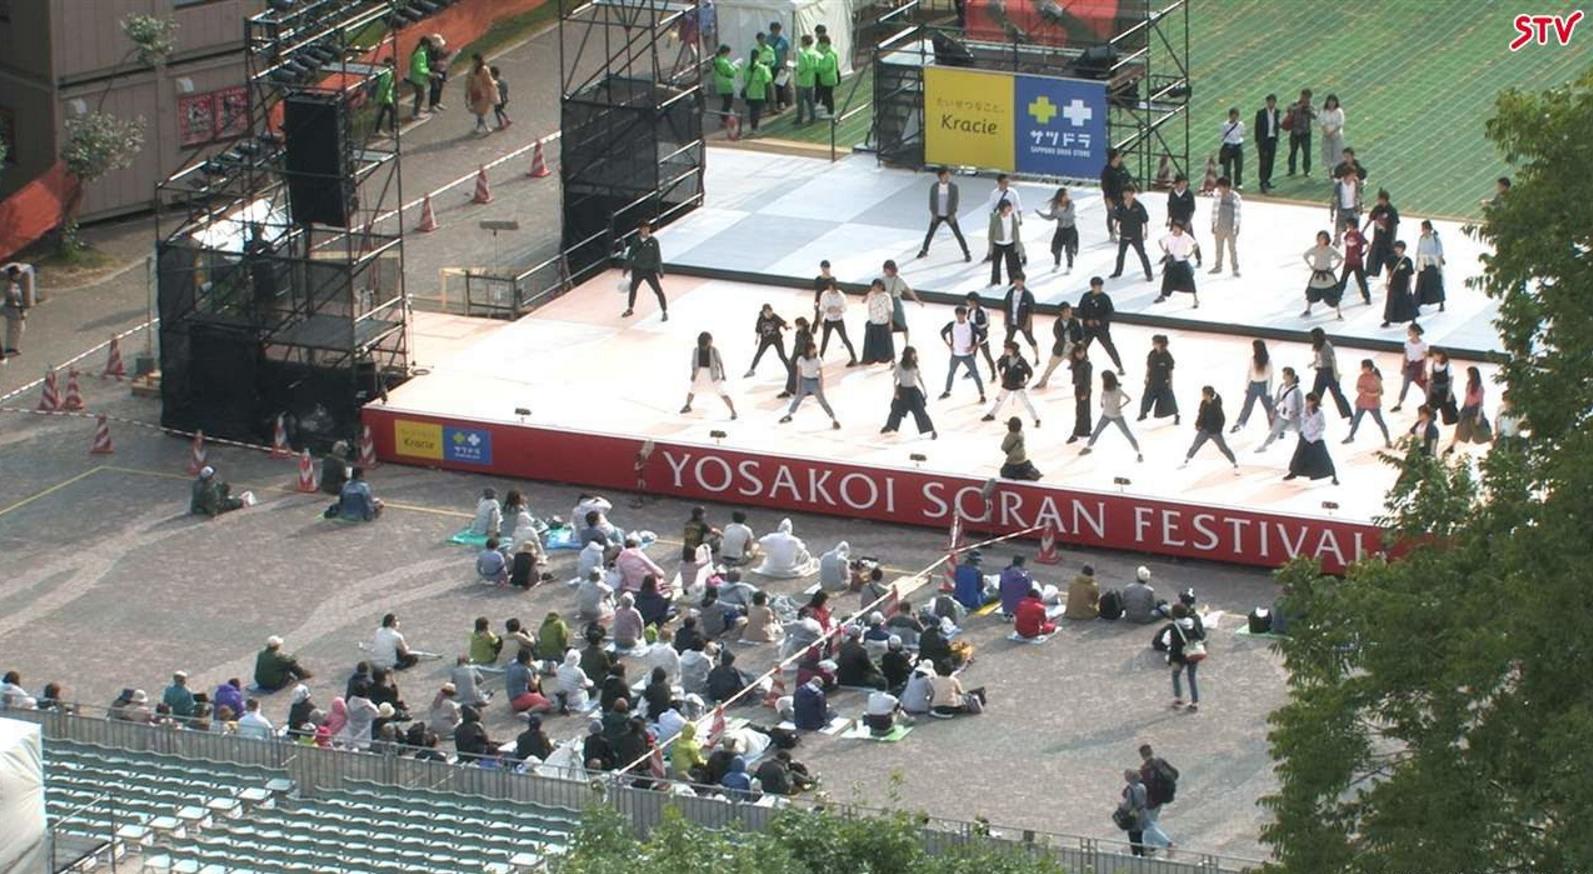 よさこいソーラン祭り大通公園西8丁目会場ライブカメラ(北海道札幌市中央区)